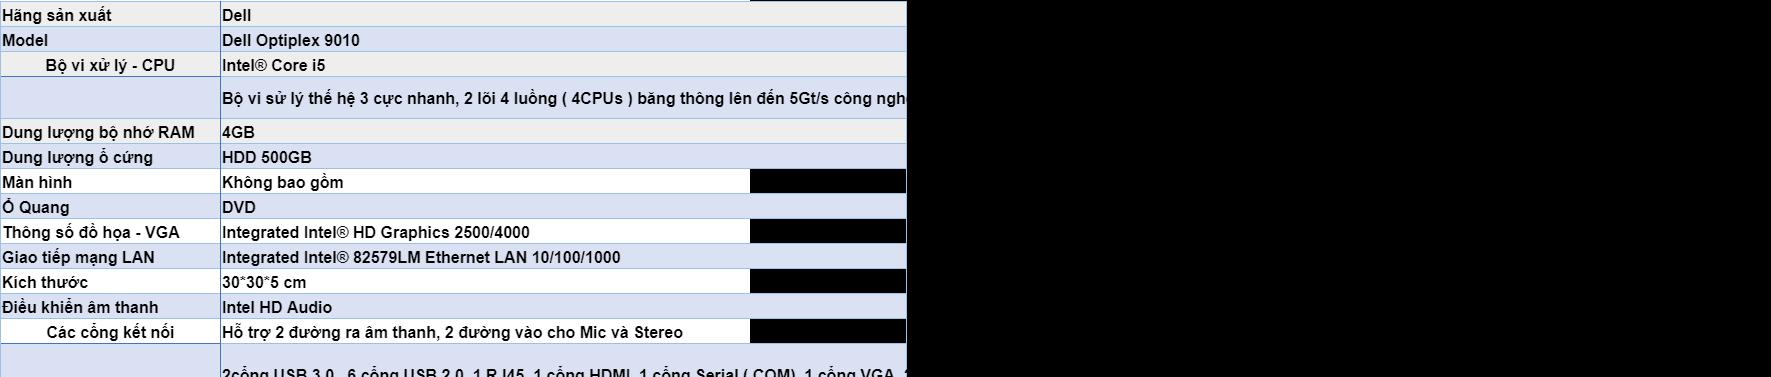 Máy tính đồng bộ Dell Optiplex 9010 SFF Core i5 RAM 4GB HDD 500GB - Hàng  nhập khẩu | Lazada.vn